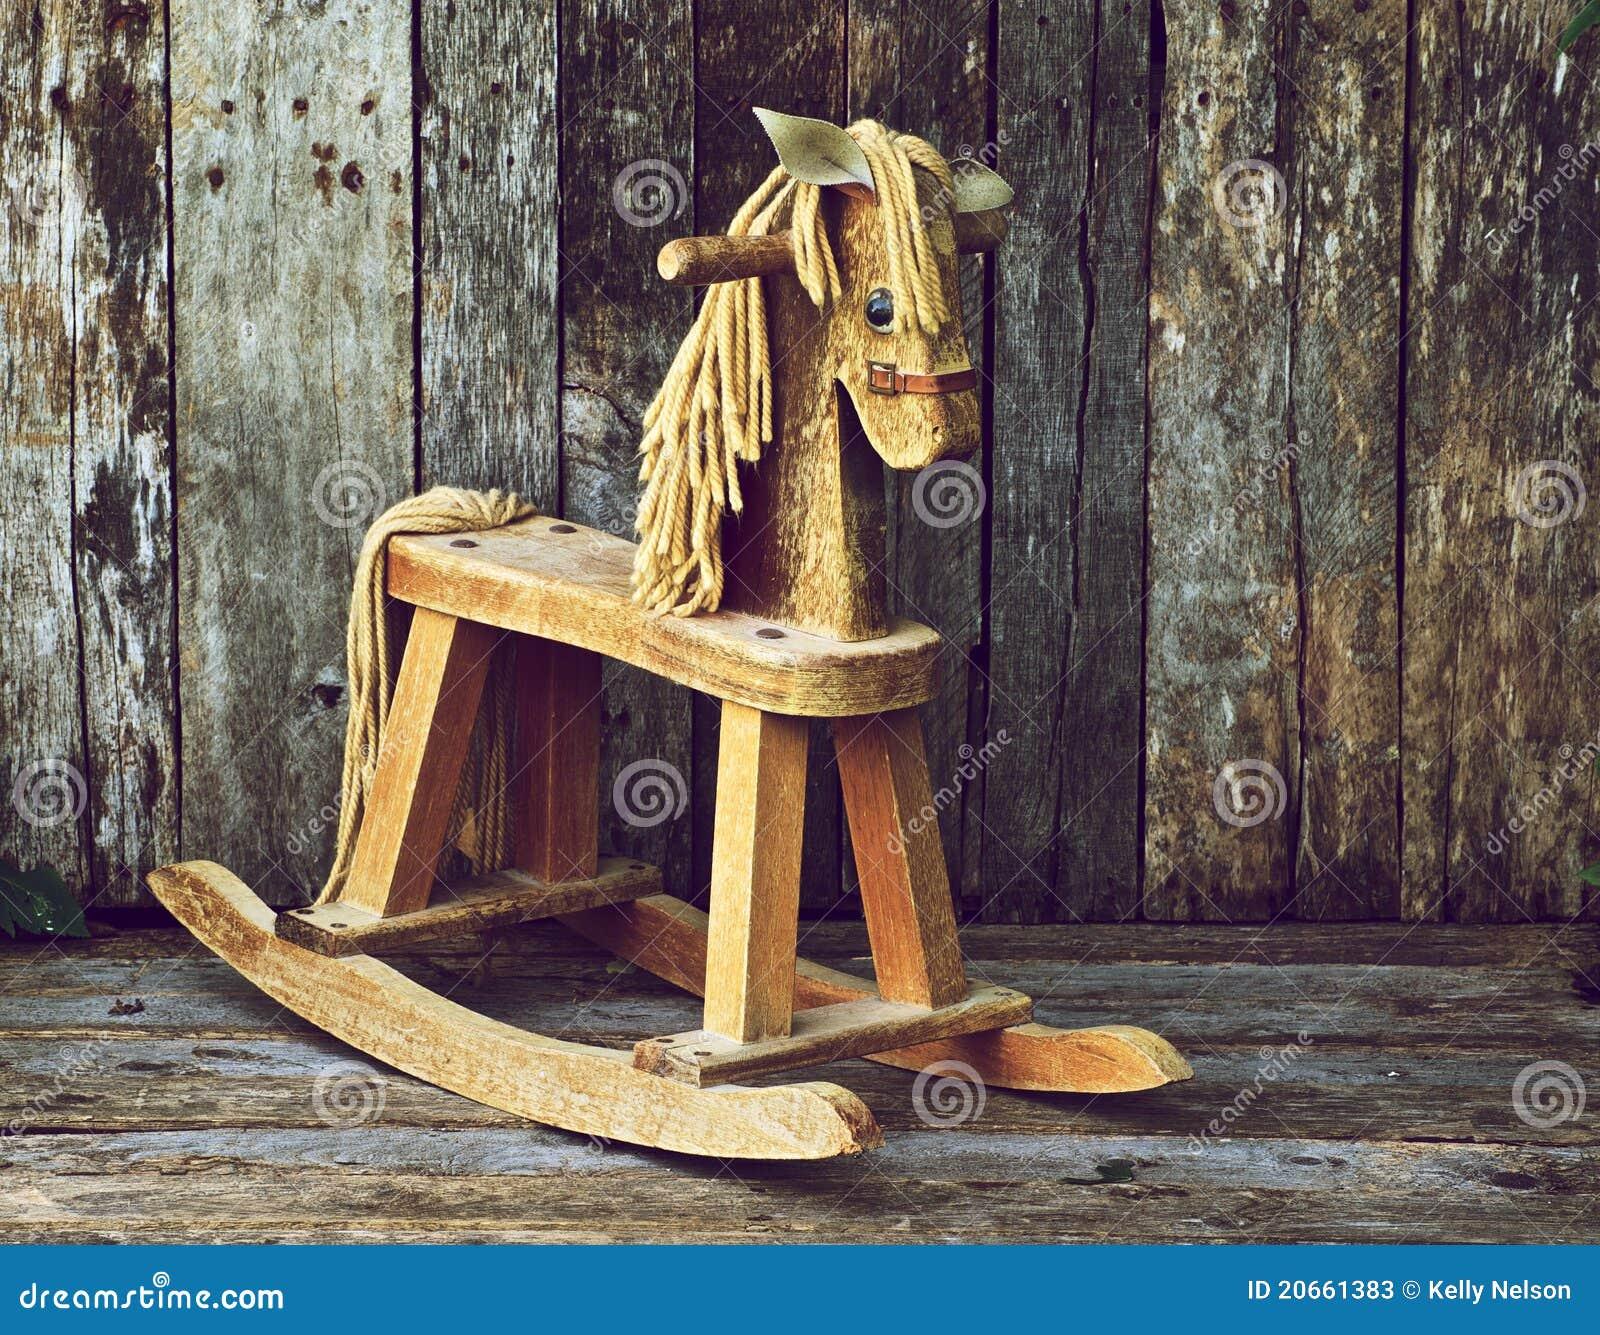 Old Wood Rocking Horse On Wood Stock Photos Image 20661383